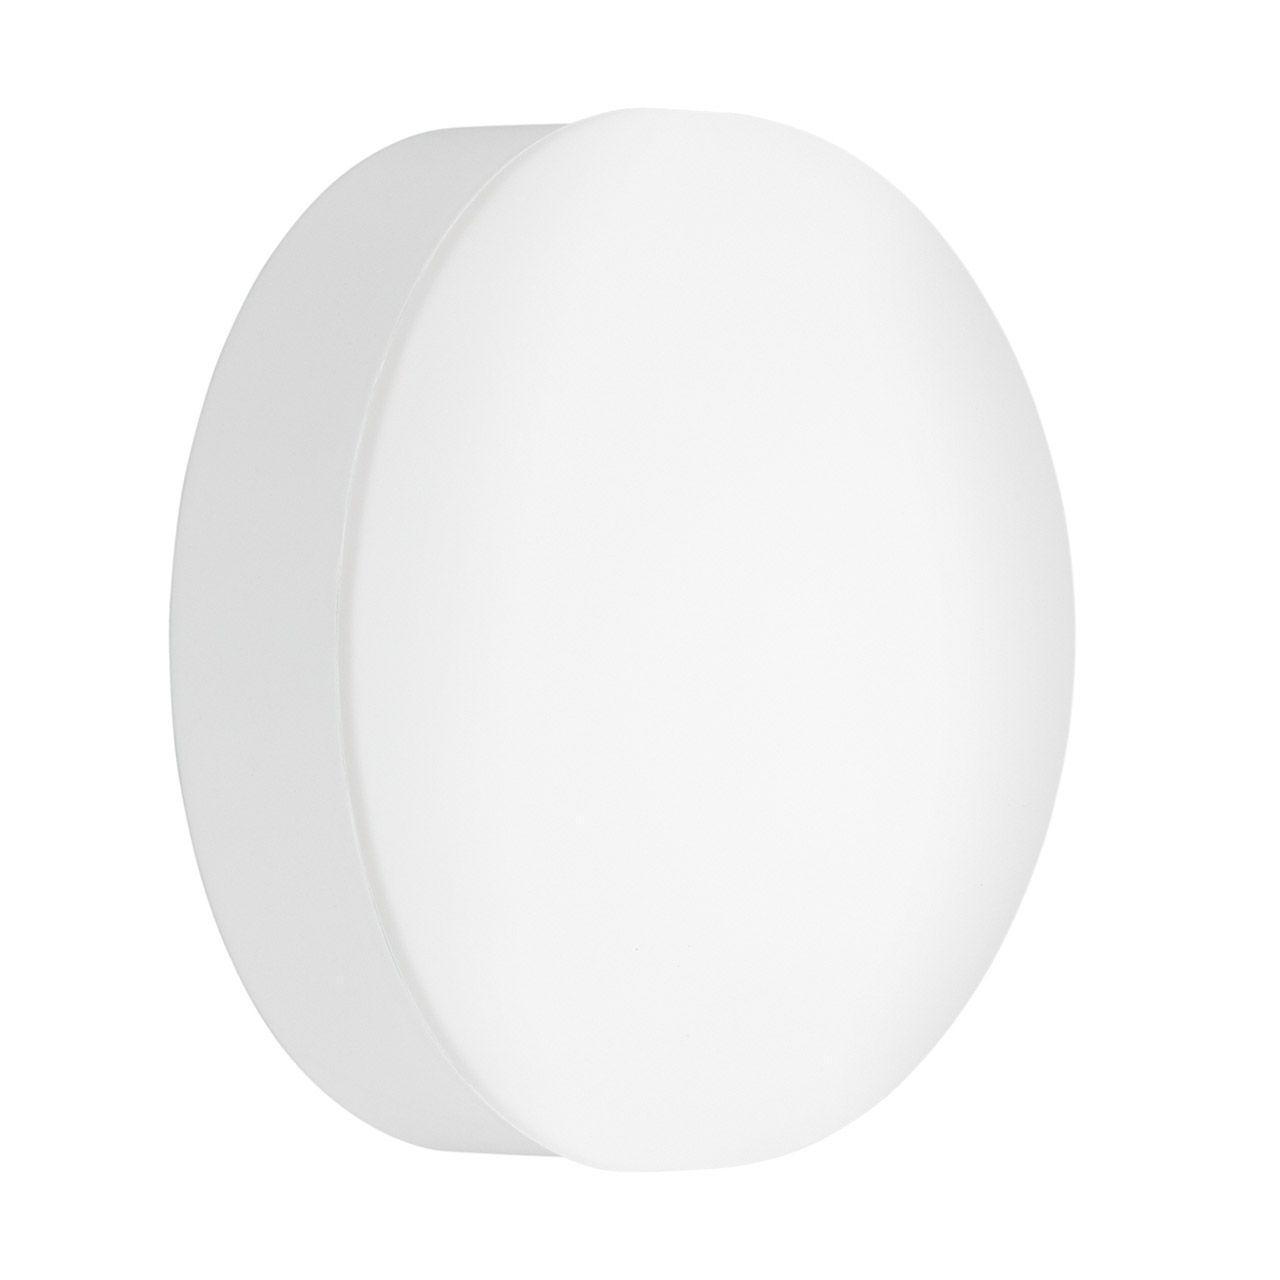 Настенный светодиодный светильник Eglo Cupella 96003 eglo 96003